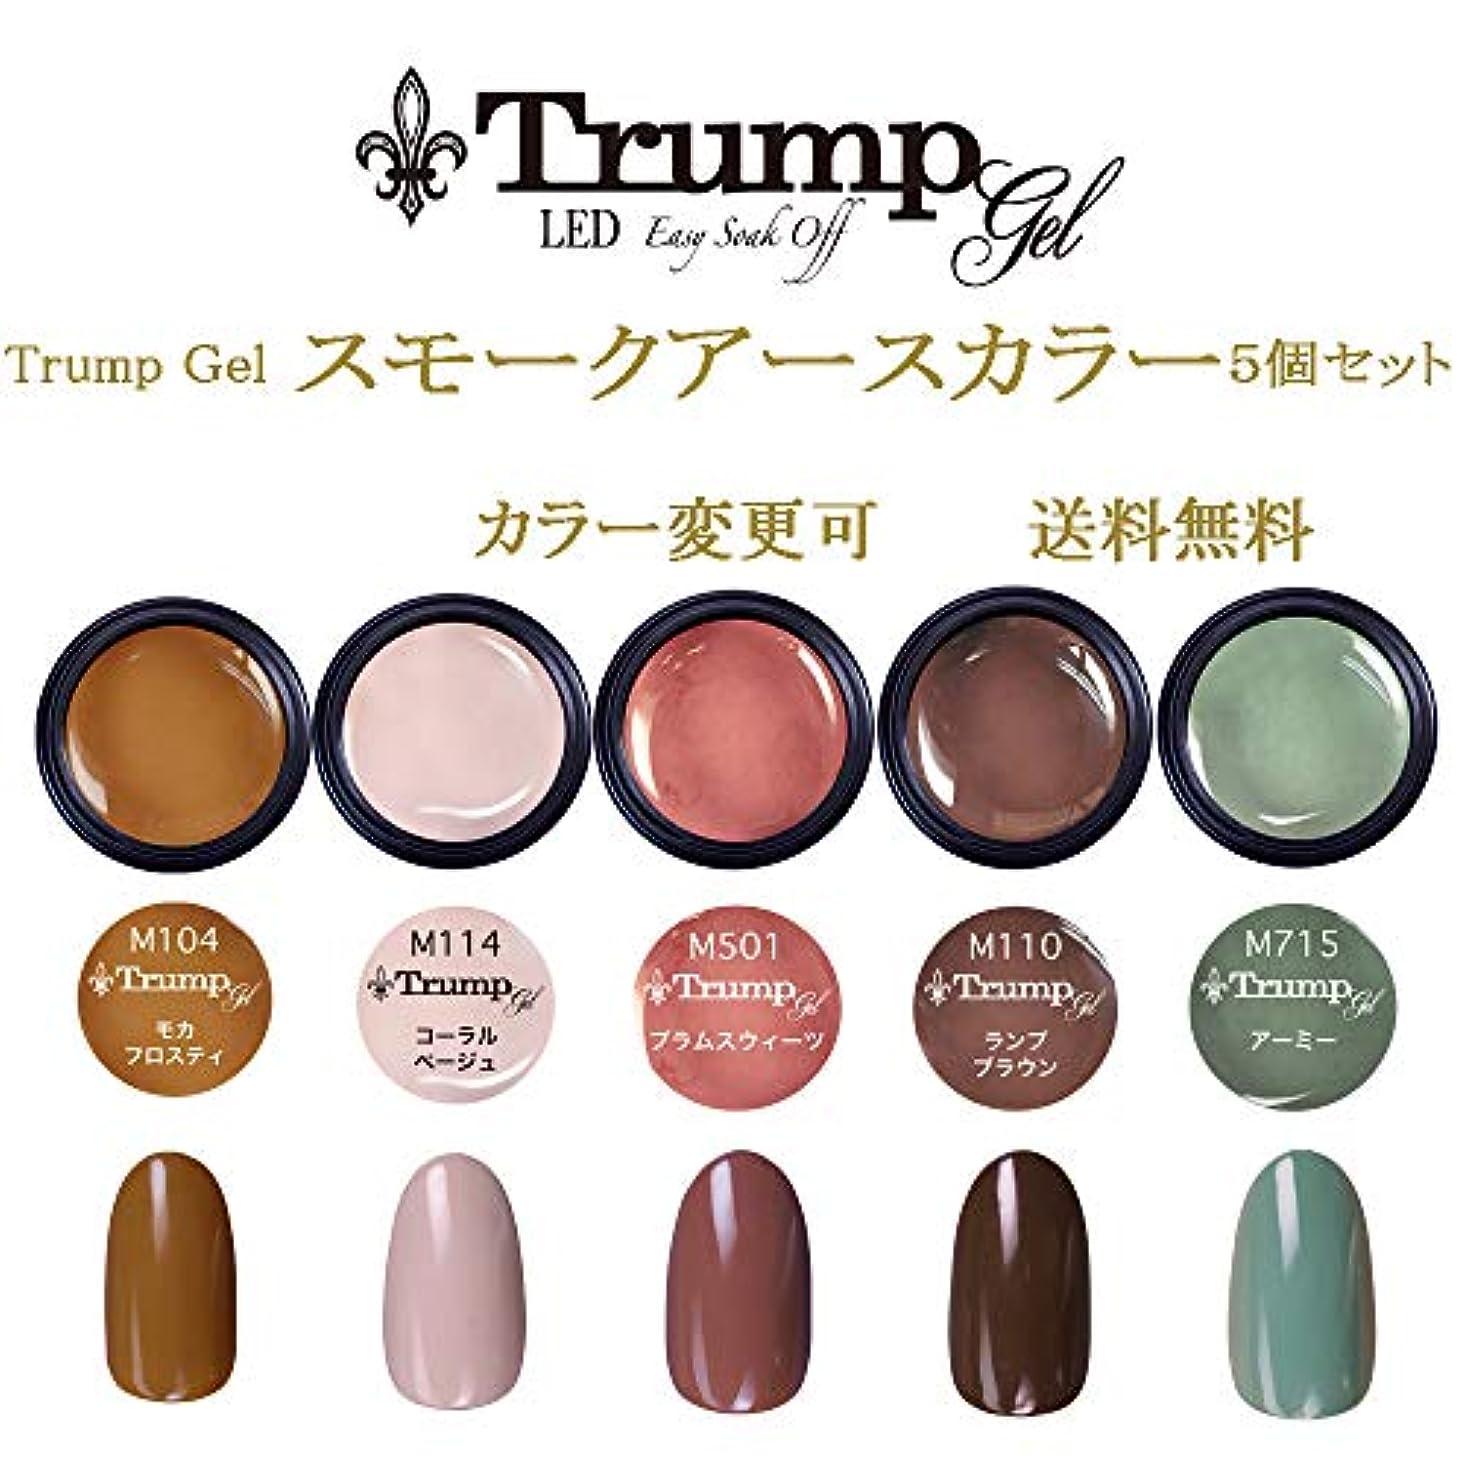 家族デュアル中止します【送料無料】日本製 Trump gel トランプジェル スモークアース 選べる カラージェル 5個セット スモーキー アースカラー ベージュ ブラウン マスタード カーキ カラー